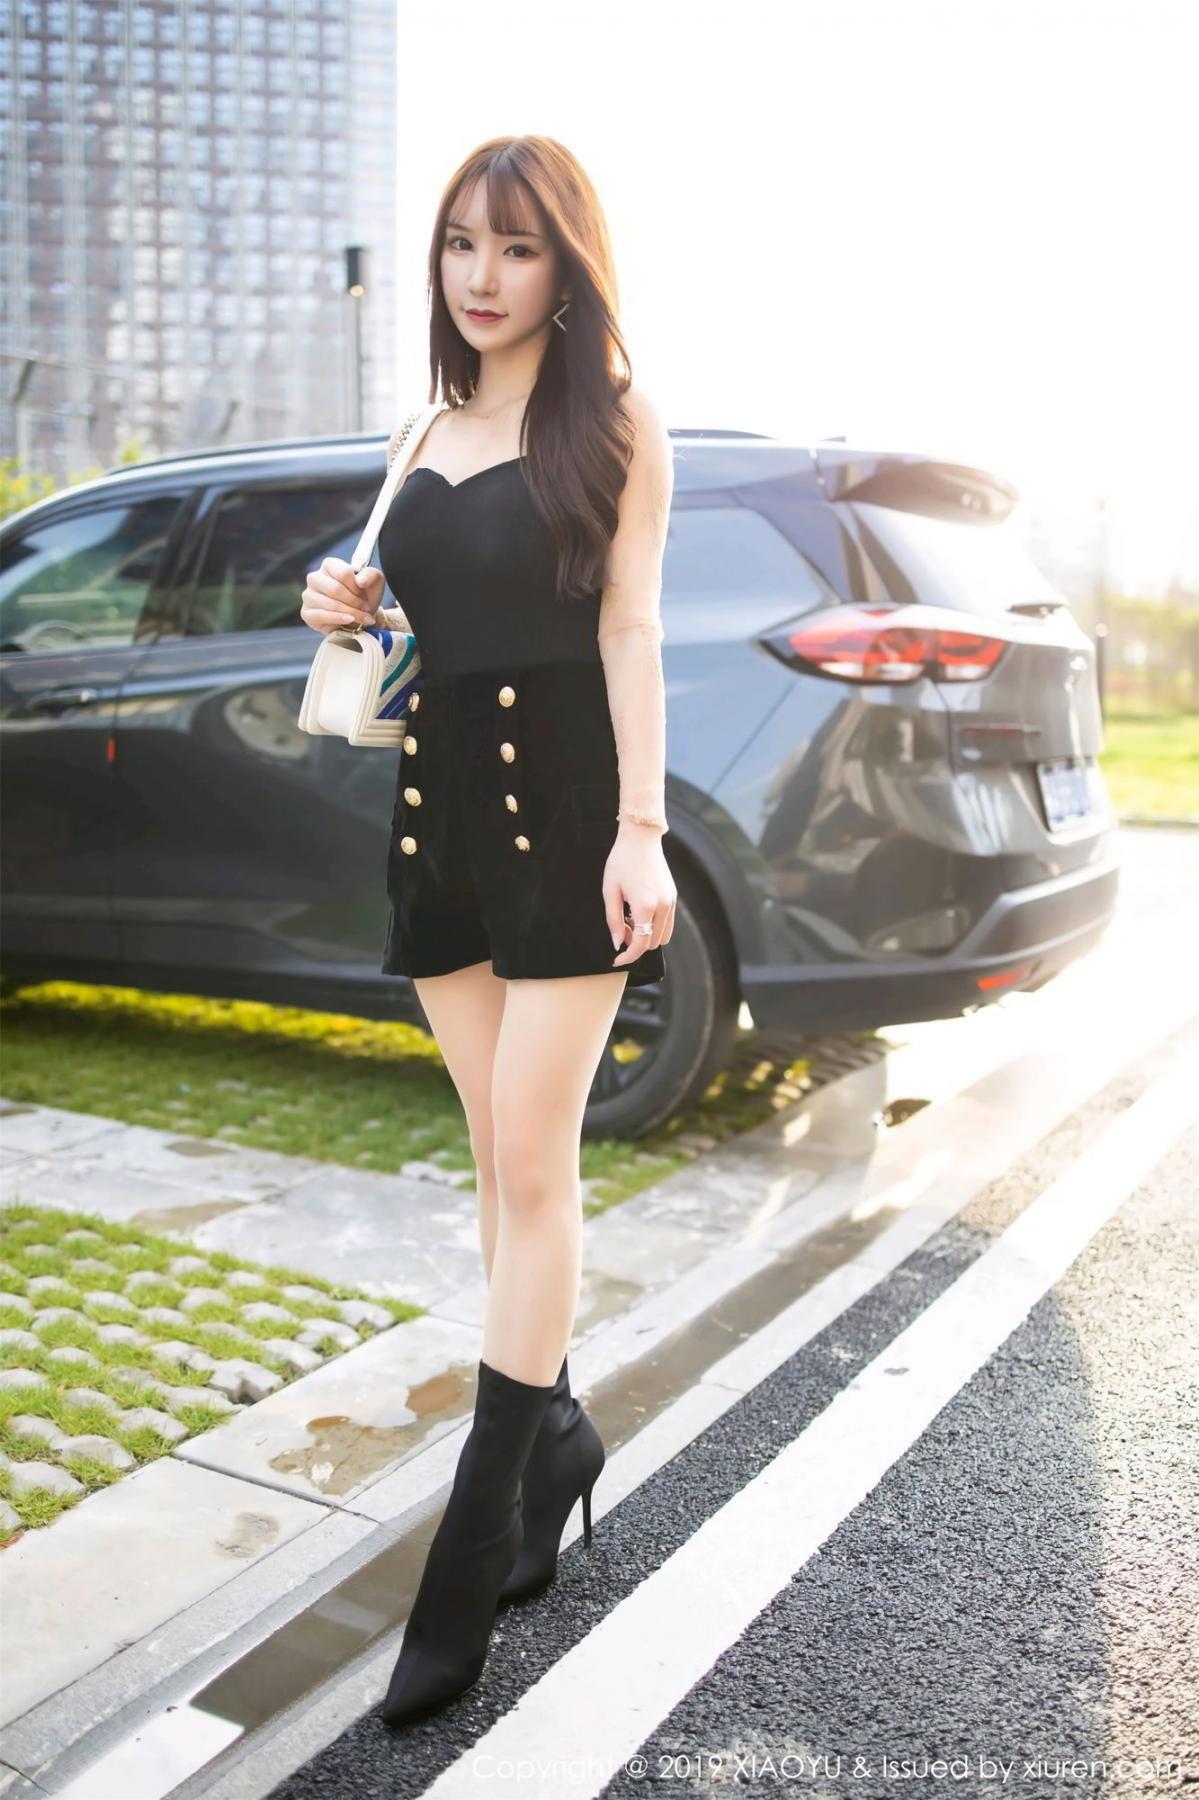 [XiaoYu] Vol.125 Zhou Yu Xi 12P, Foot, Tall, XiaoYu, Zhou Yu Xi